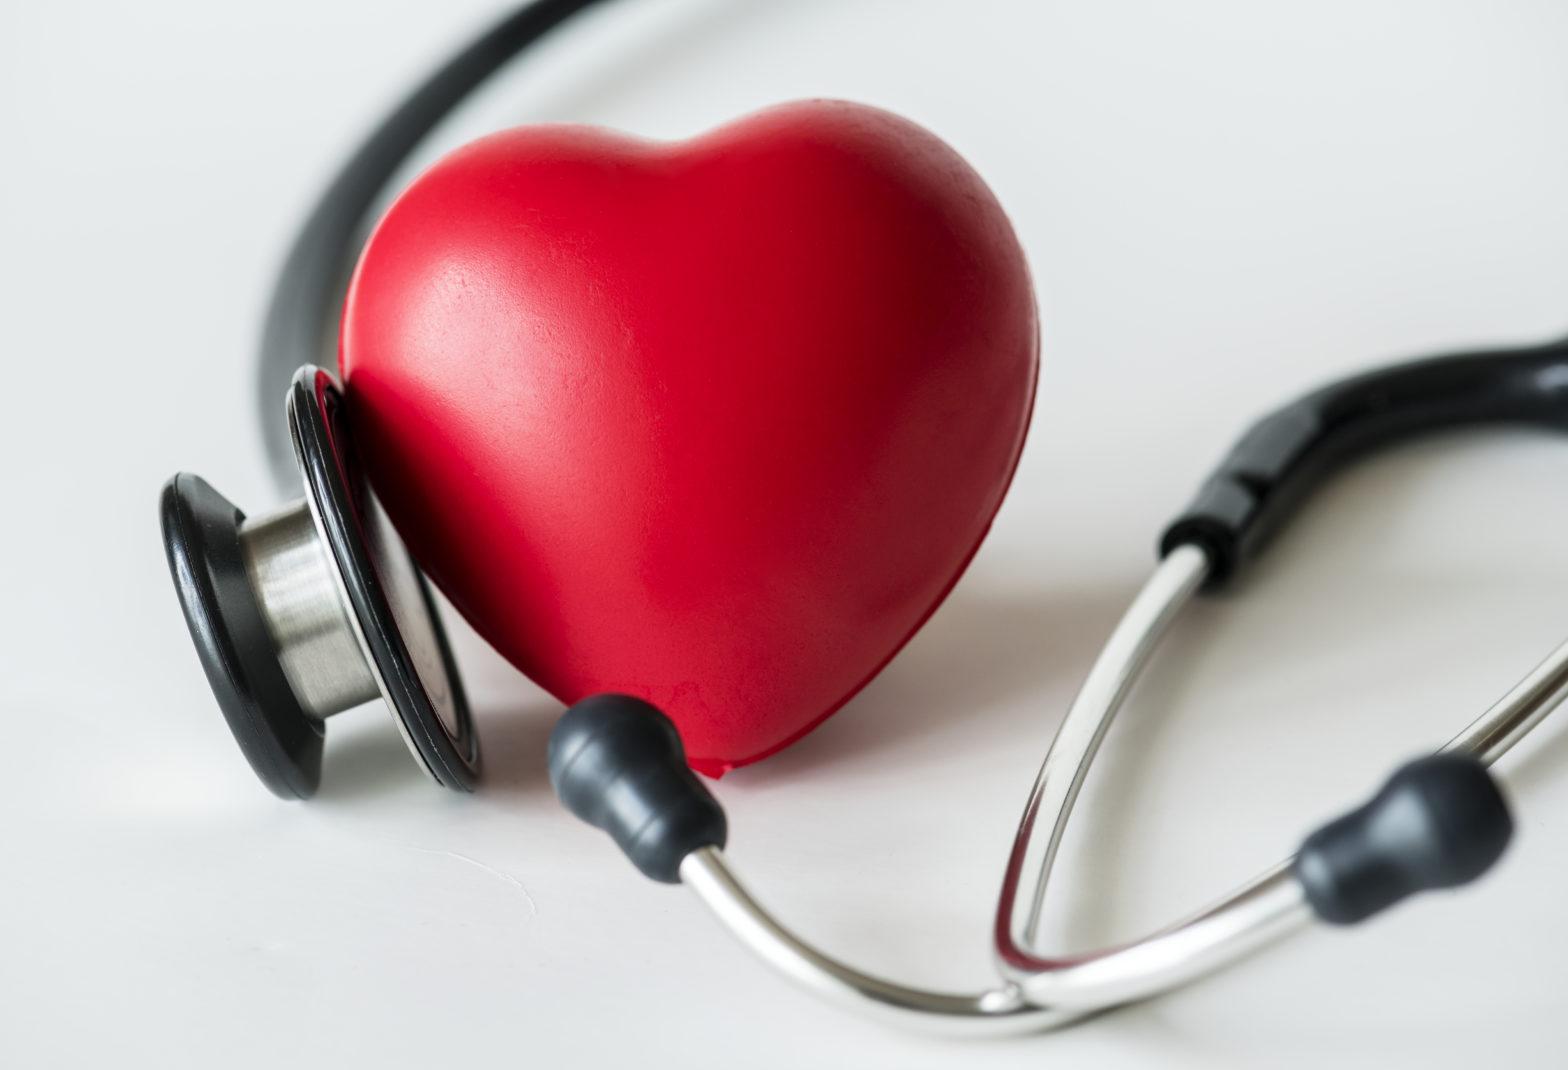 Hartpatiënten